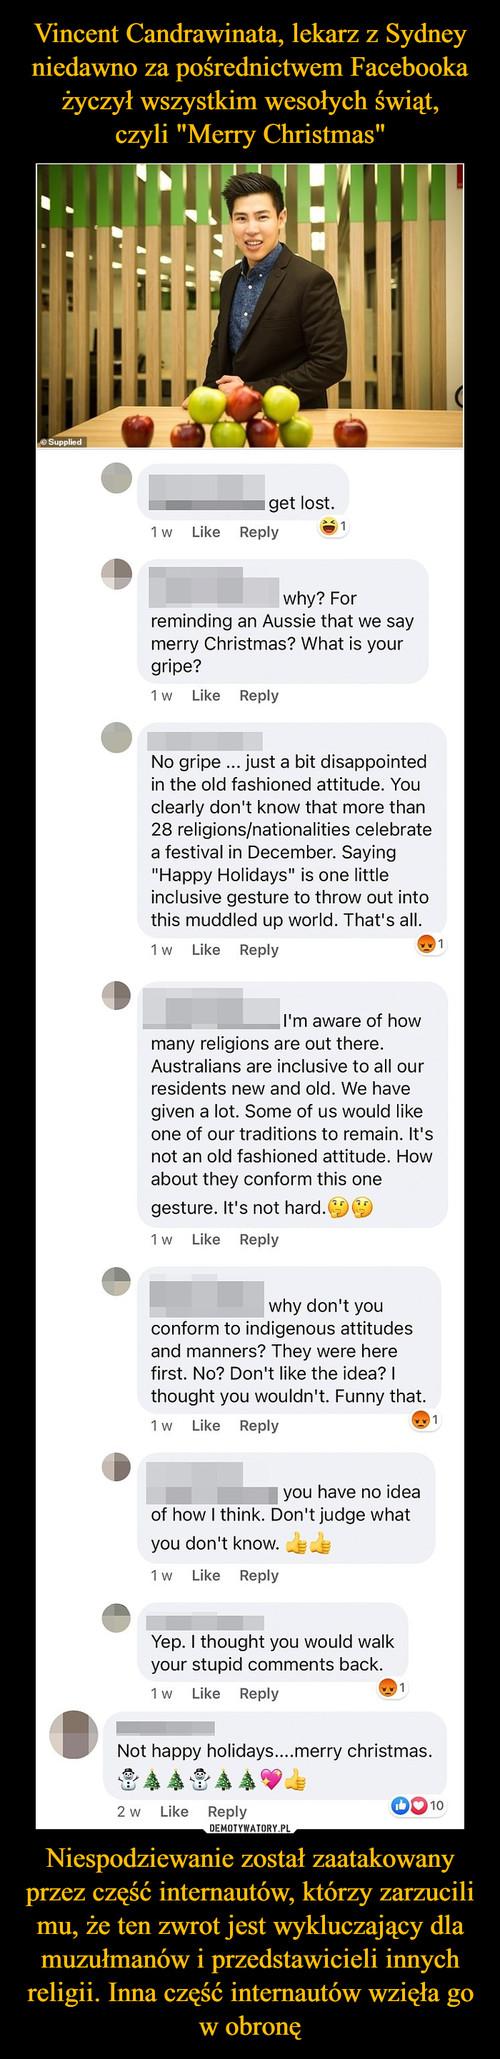 """Vincent Candrawinata, lekarz z Sydney niedawno za pośrednictwem Facebooka życzył wszystkim wesołych świąt, czyli """"Merry Christmas"""" Niespodziewanie został zaatakowany przez część internautów, którzy zarzucili mu, że ten zwrot jest wykluczający dla muzułmanów i przedstawicieli innych religii. Inna część internautów wzięła go w obronę"""